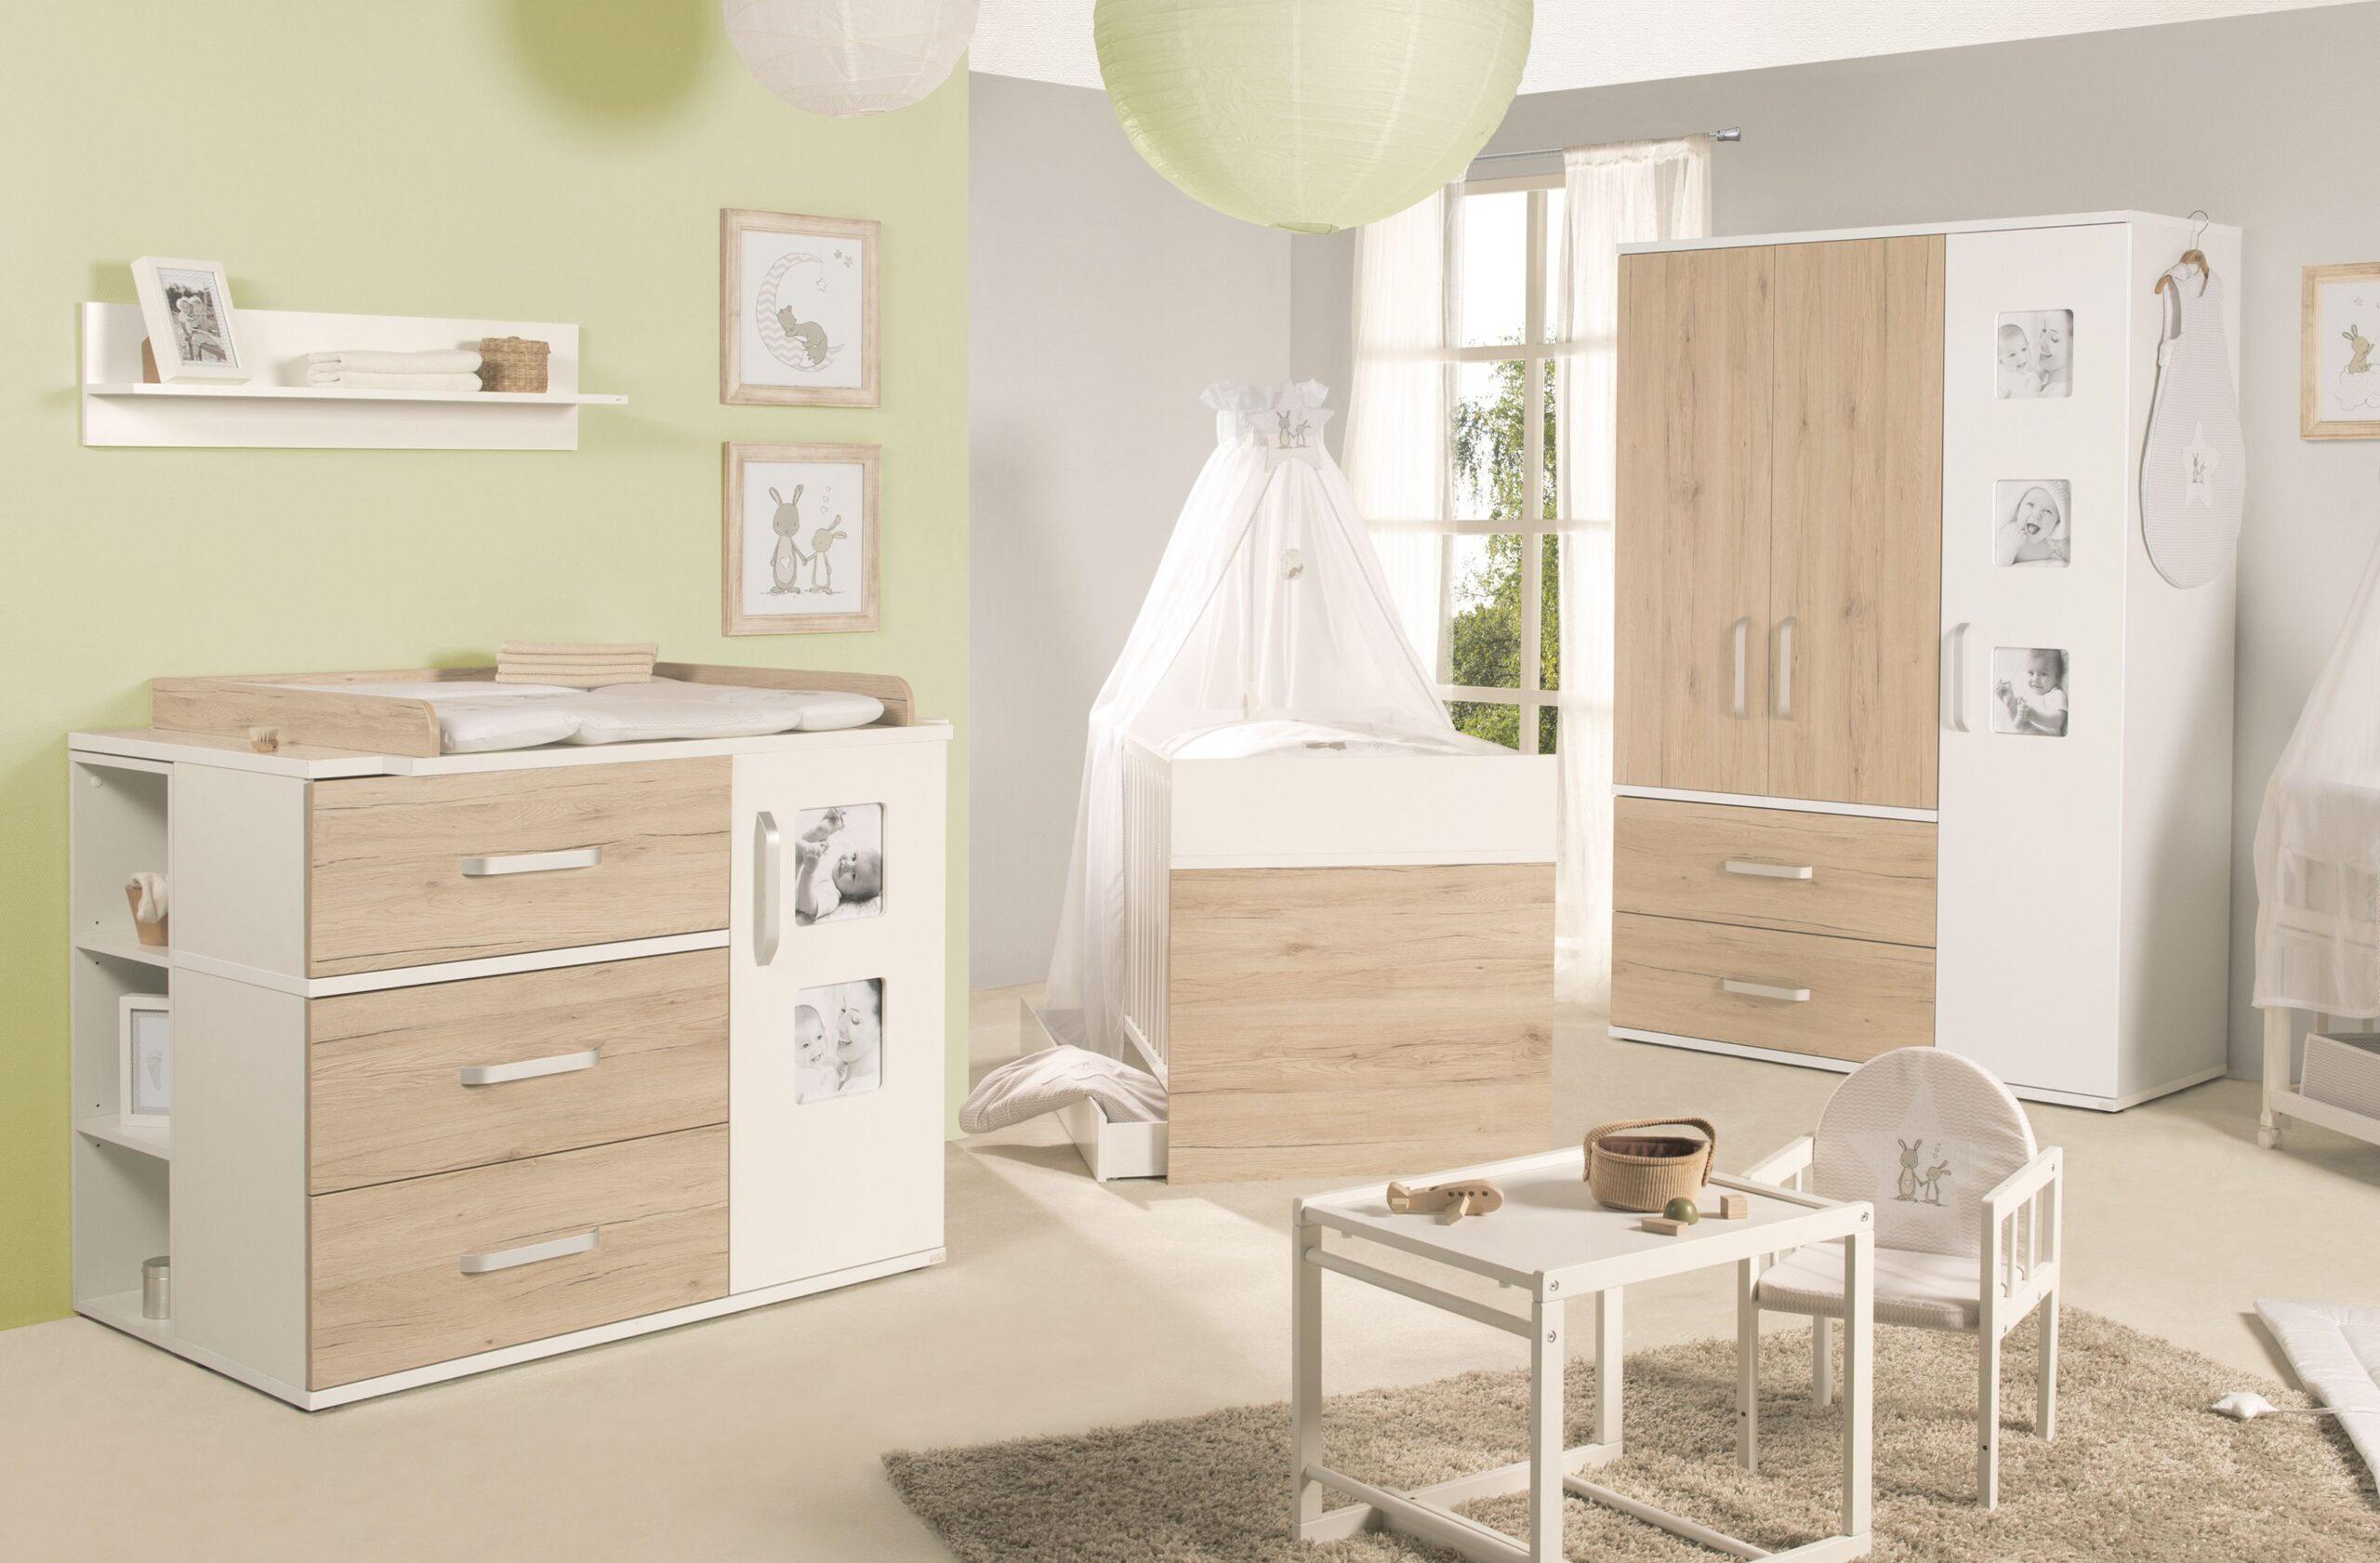 Full Size of Pin Auf Kinderzimmer Sofa Schlafzimmer Komplett Weiß Küche Günstig Mit Elektrogeräten Regal Günstige Kaufen Betten Günstiges Komplettangebote Bett Kinderzimmer Kinderzimmer Komplett Günstig